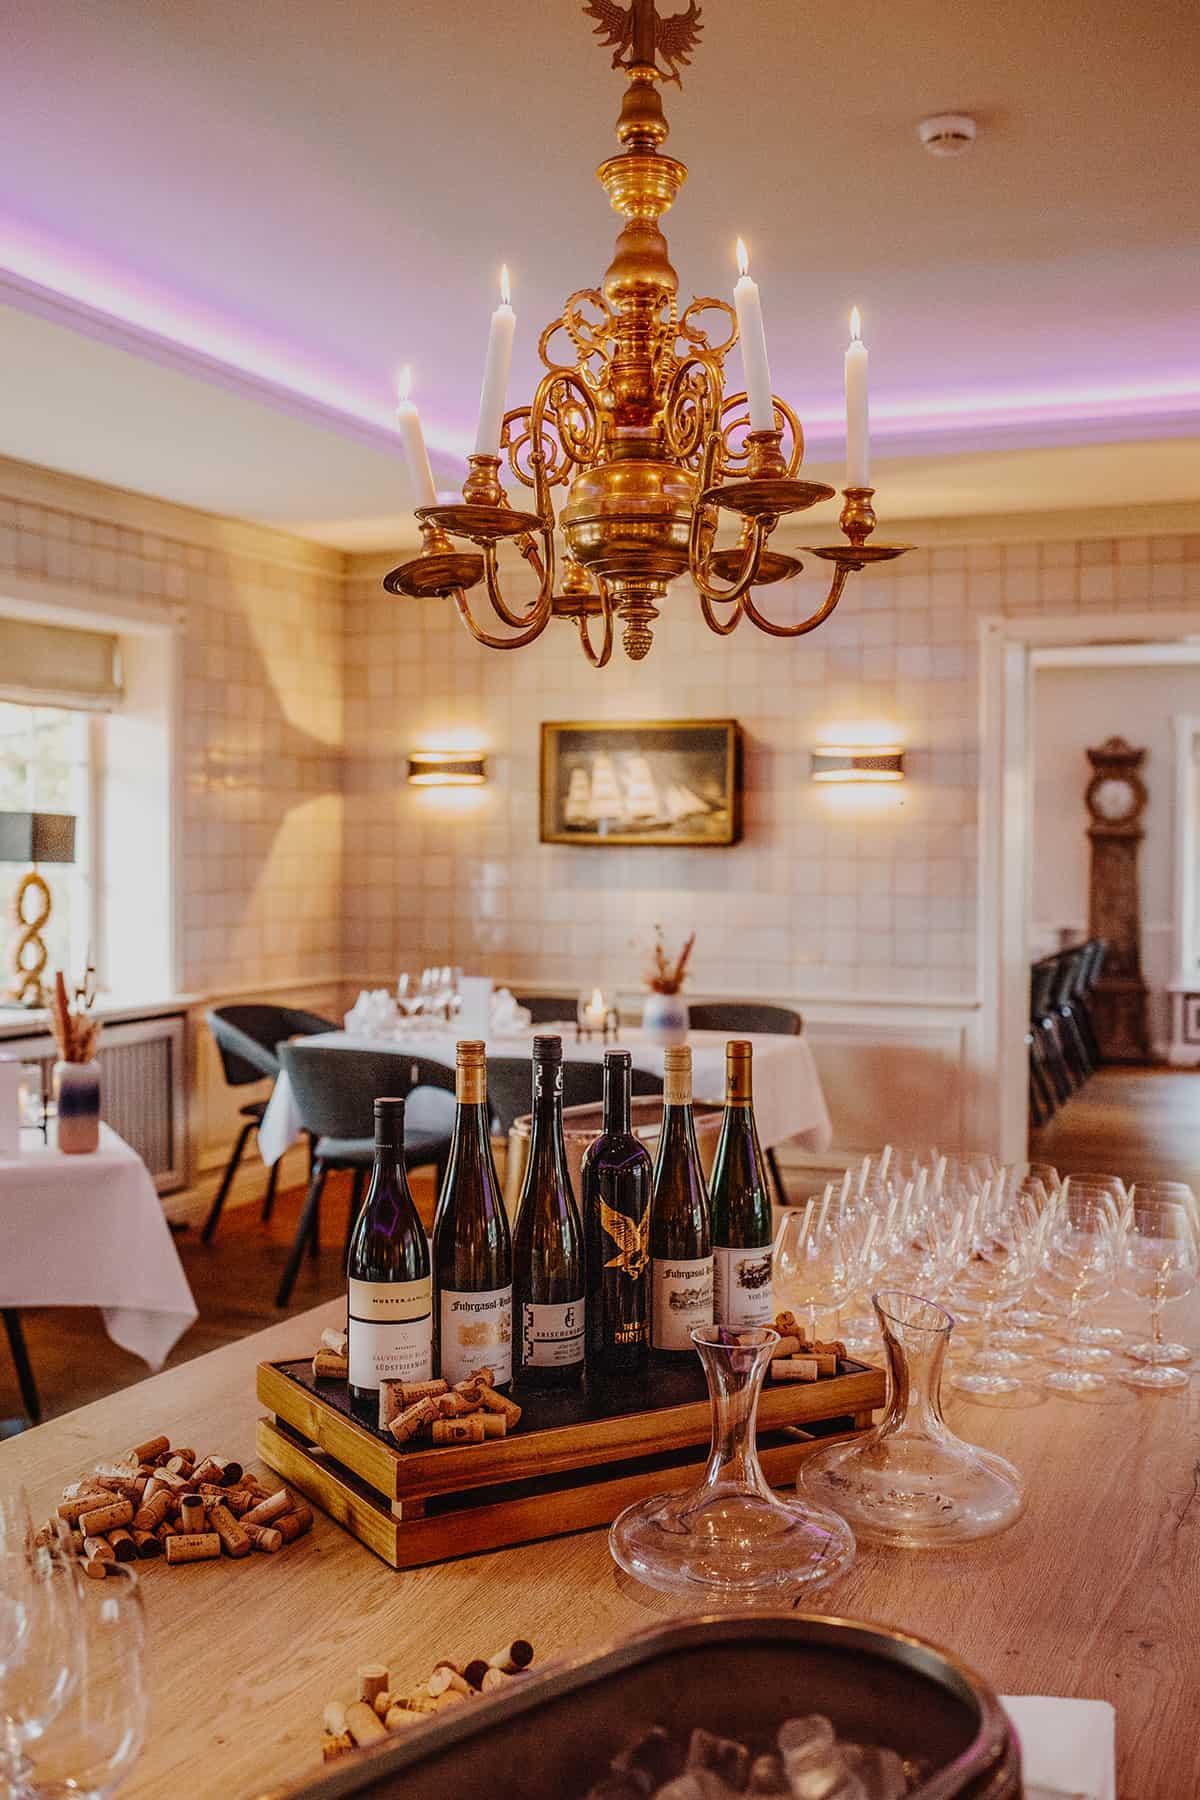 Restaurant Køkken im Benen-Diken-Hof: Erlebe den Geschmack Nordfrieslands